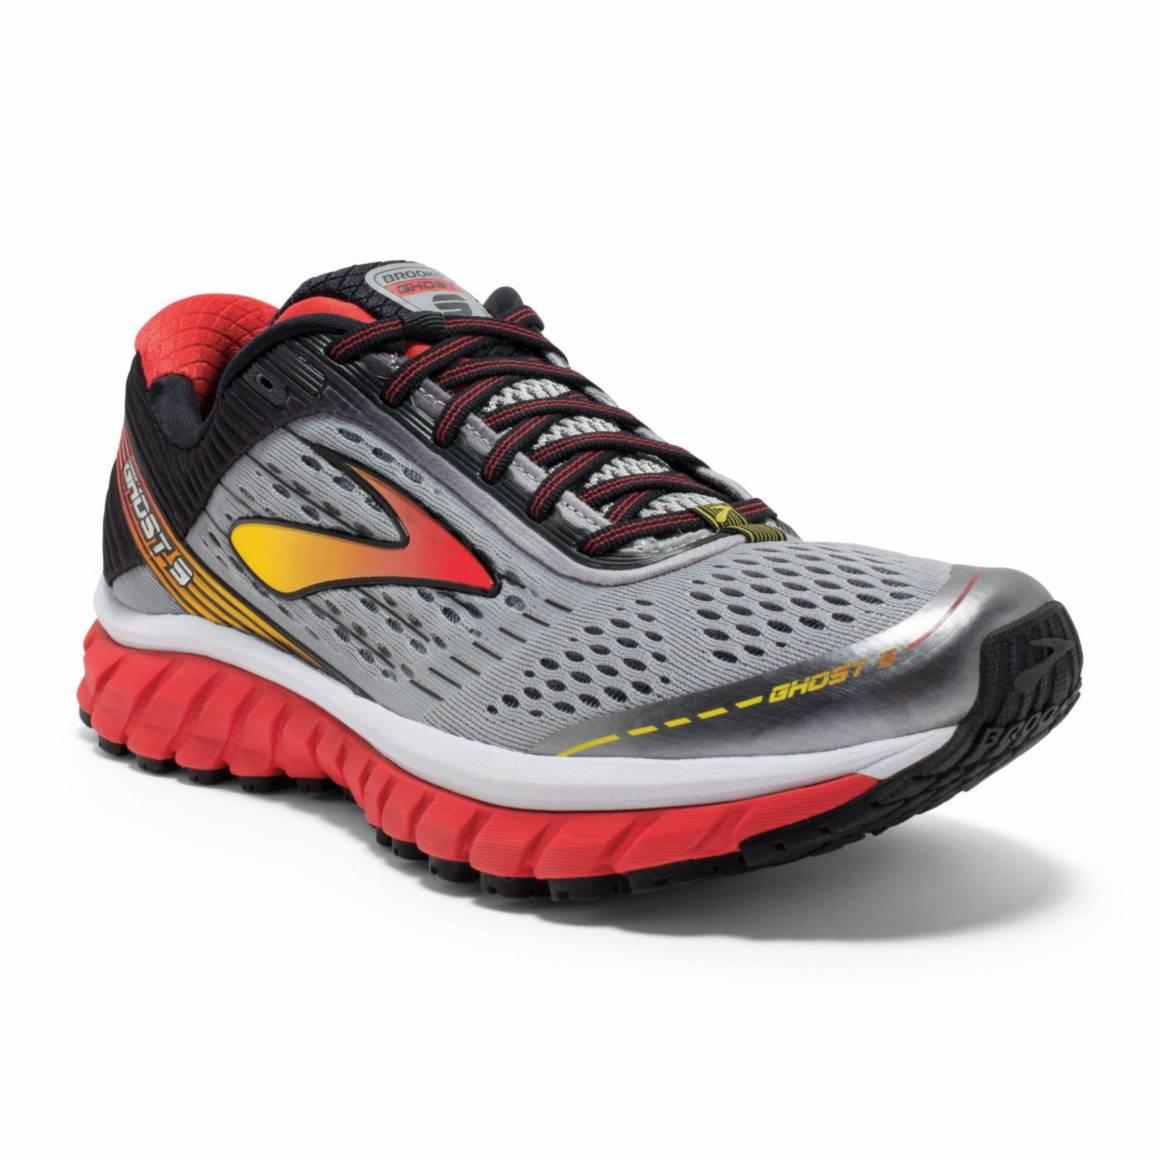 Correre con leggerezza con la nuova Brooks GHOST 9 1160x1160 - Correre con leggerezza con la nuova Brooks GHOST 9 #runhappy